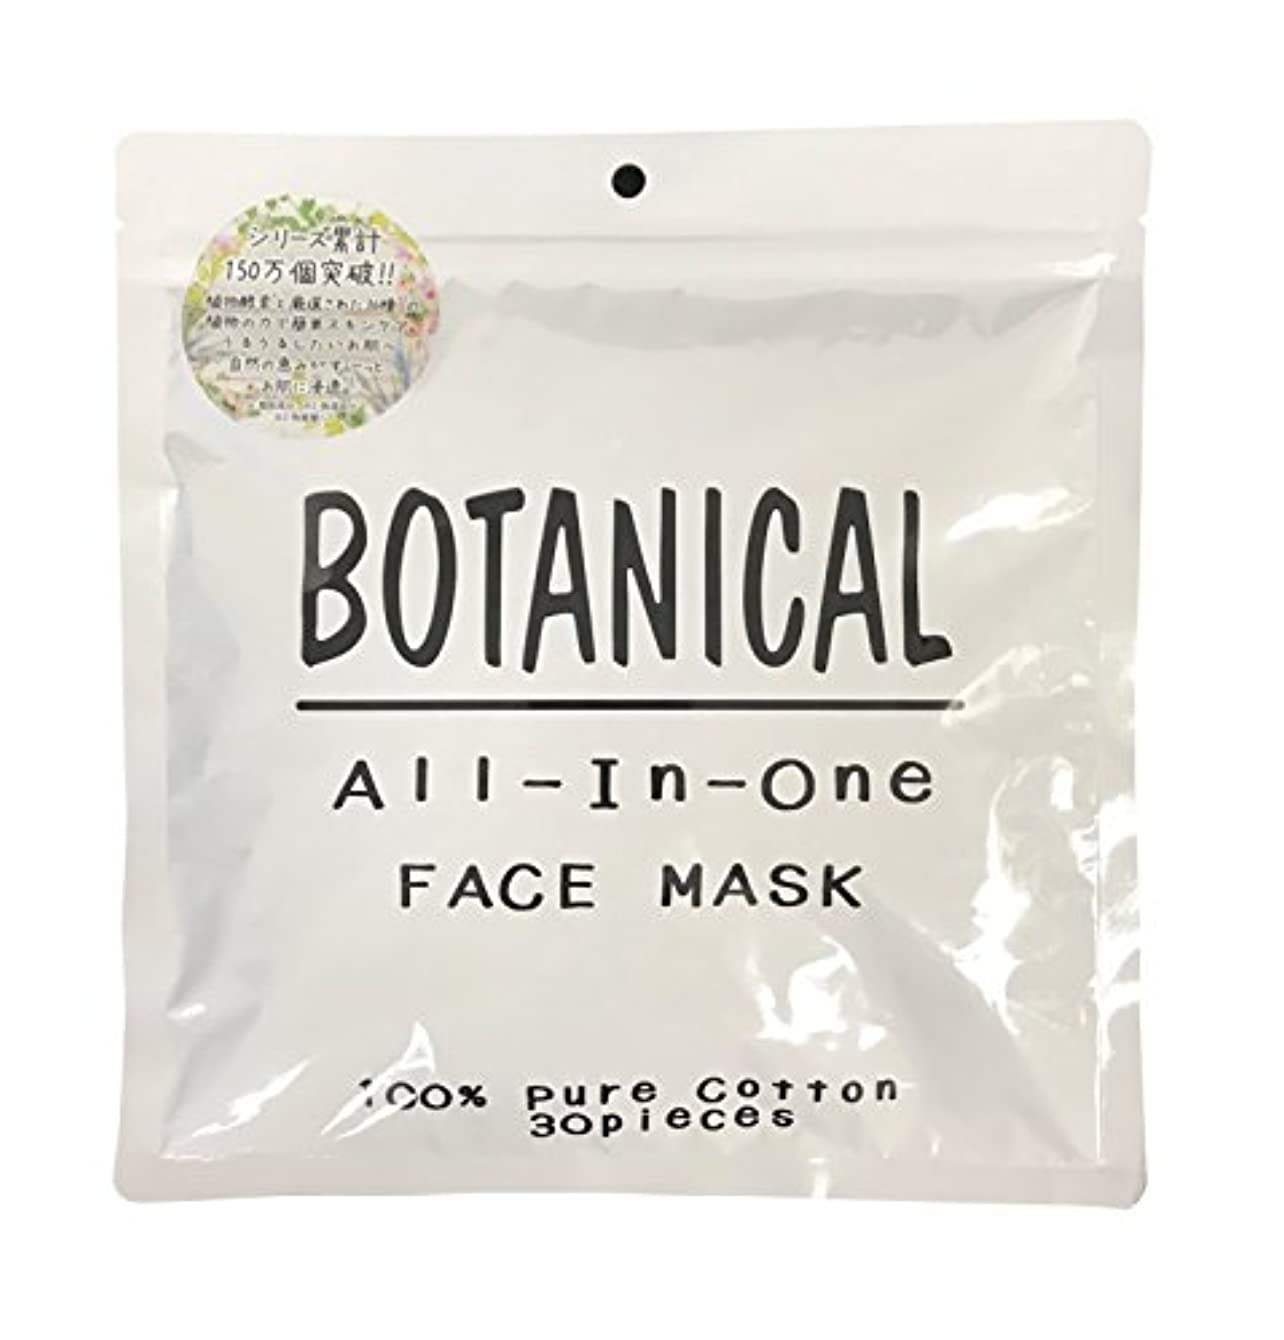 義務的難しいアーティファクトボタニカル(BOTANICAL) オールインワン フェイスマスク 30枚入